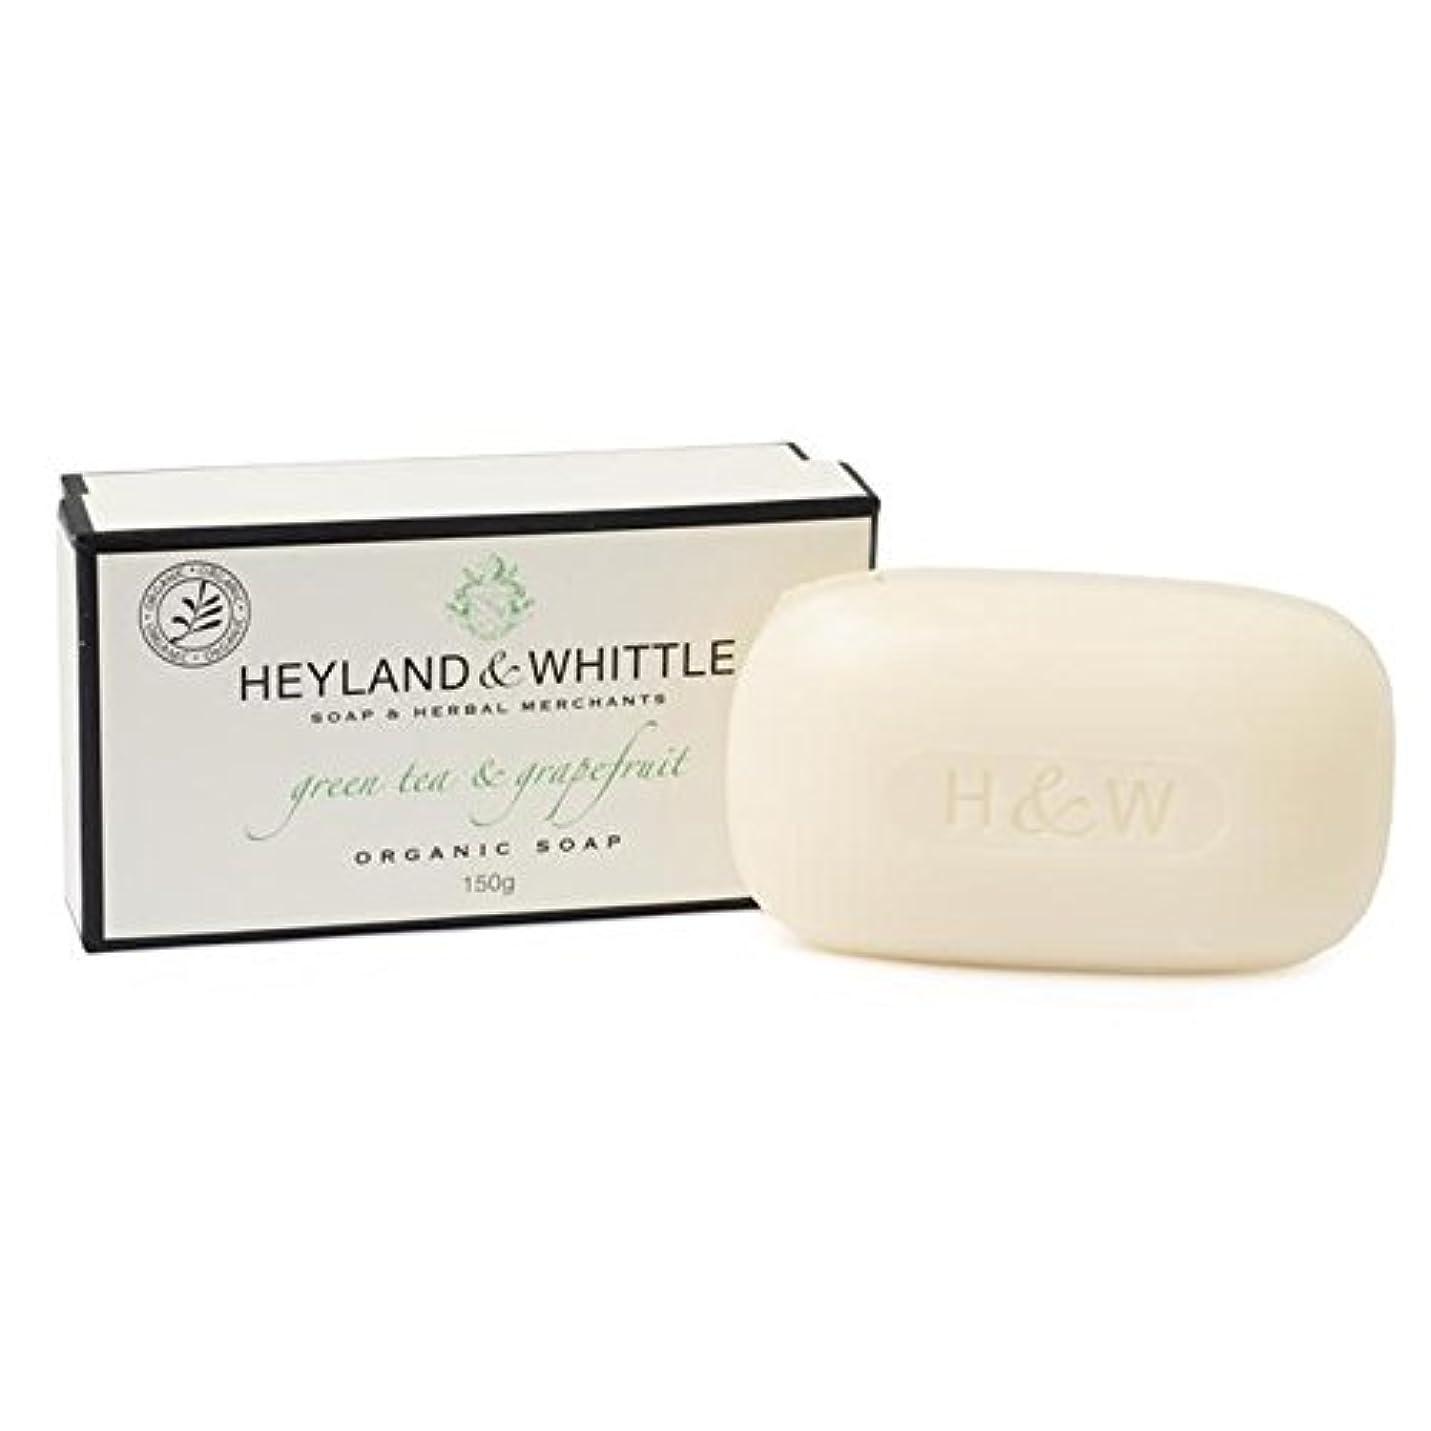 神社強盗ノートHeyland & Whittle Green Tea & Grapefruit Boxed Organic Soap 150g - &削る緑茶&グレープフルーツはオーガニックソープ150グラム箱入り [並行輸入品]